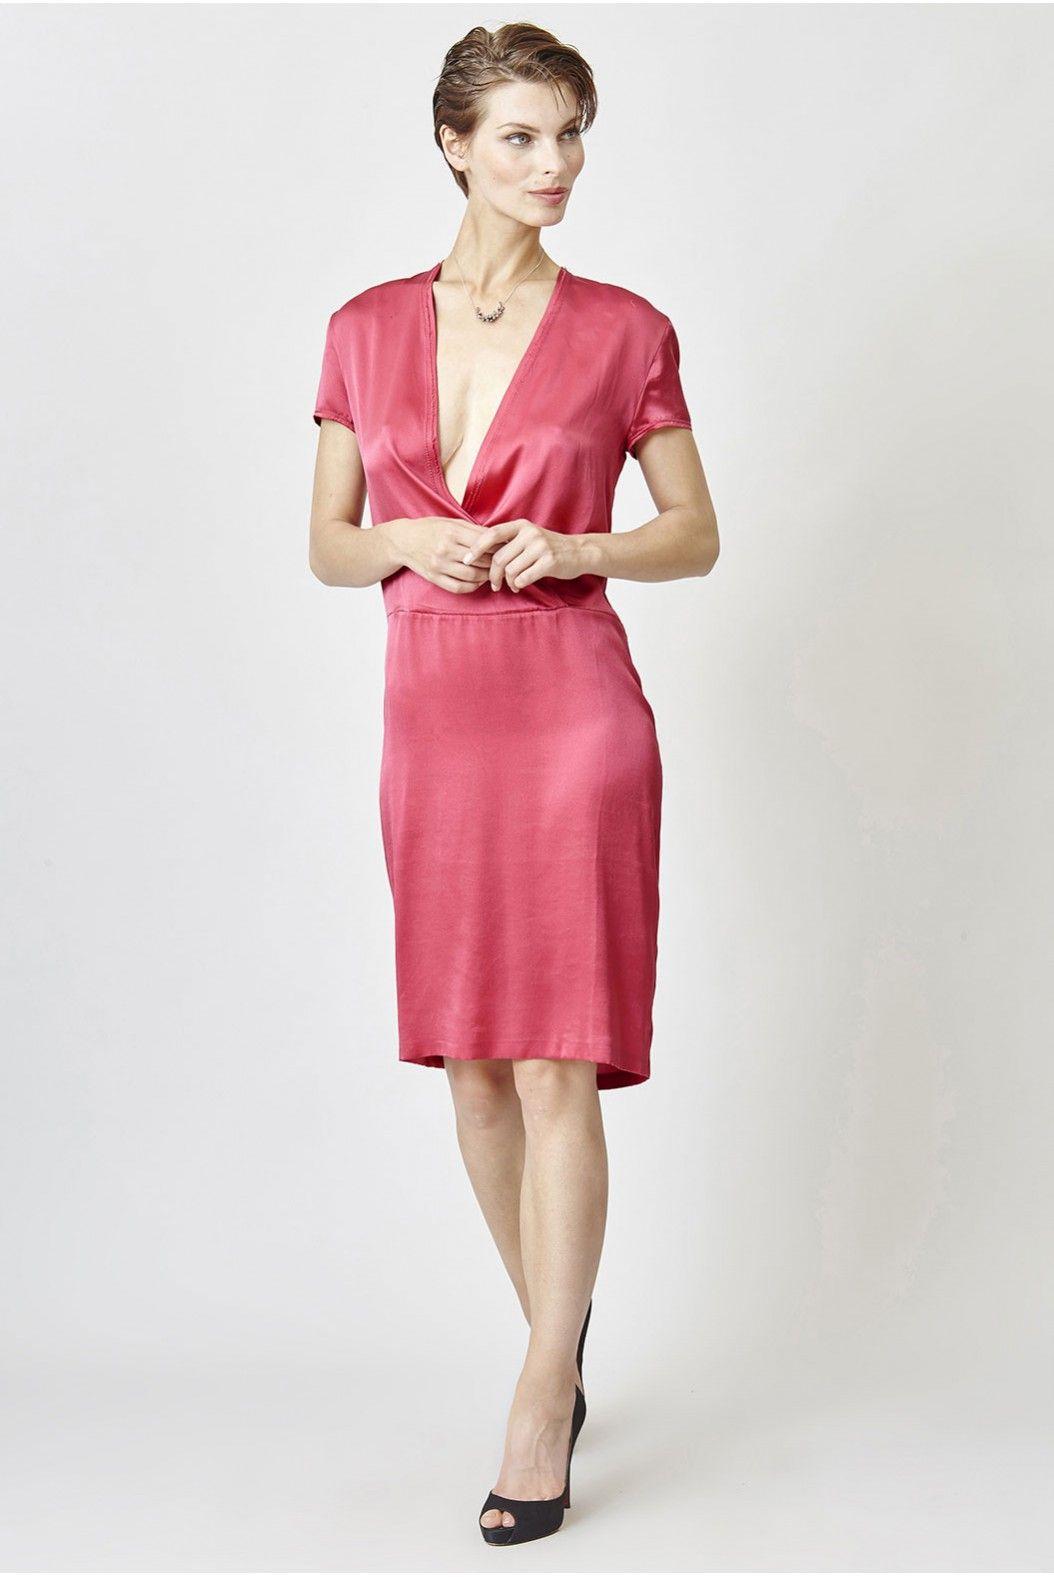 ce4f3f7698b C est Ma Robe - Dresshire - Yves Saint Laurent - Location robes de luxe